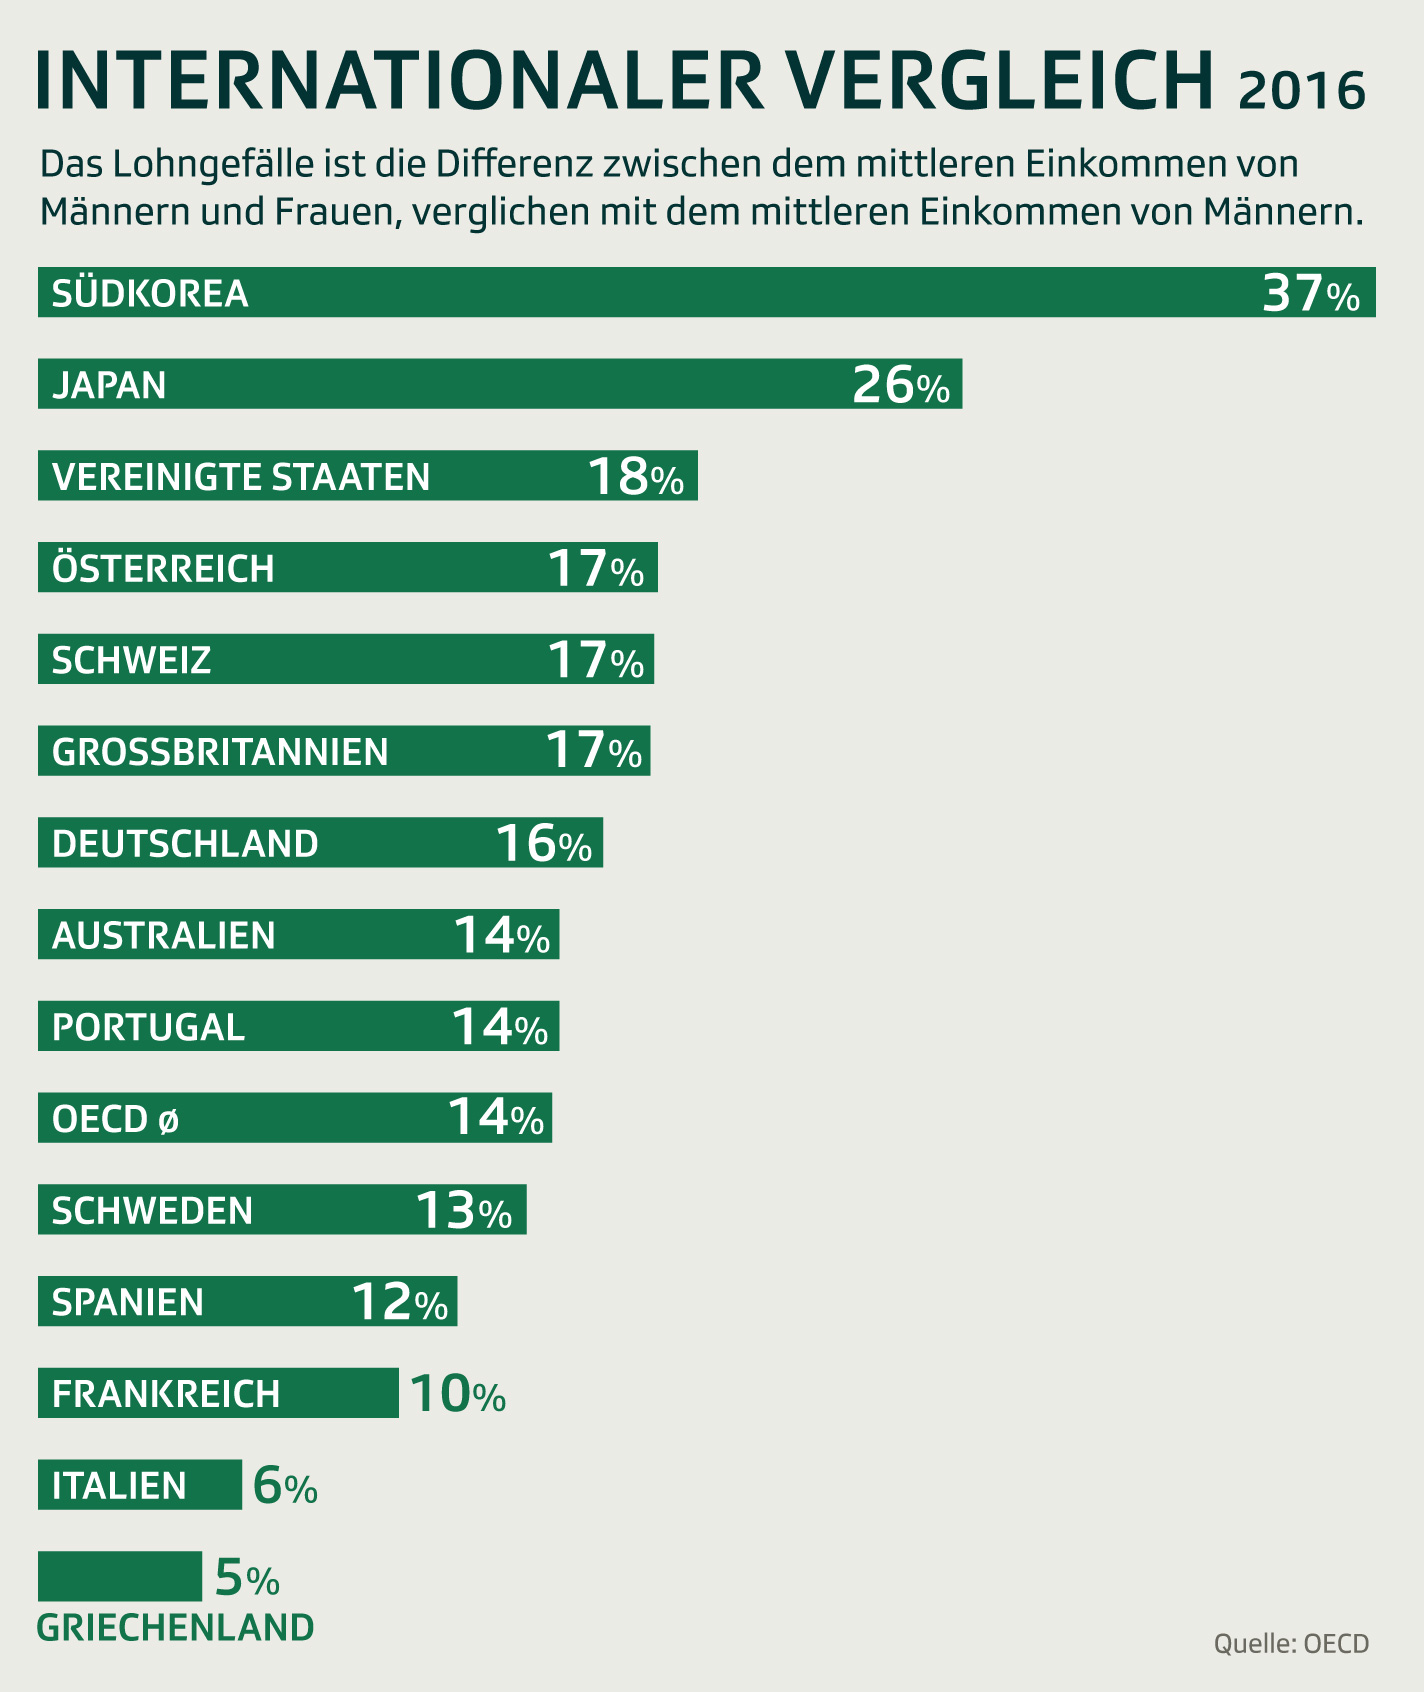 Lohnunterschiede zwischen Frauen und Männnern internationaler Vergleich